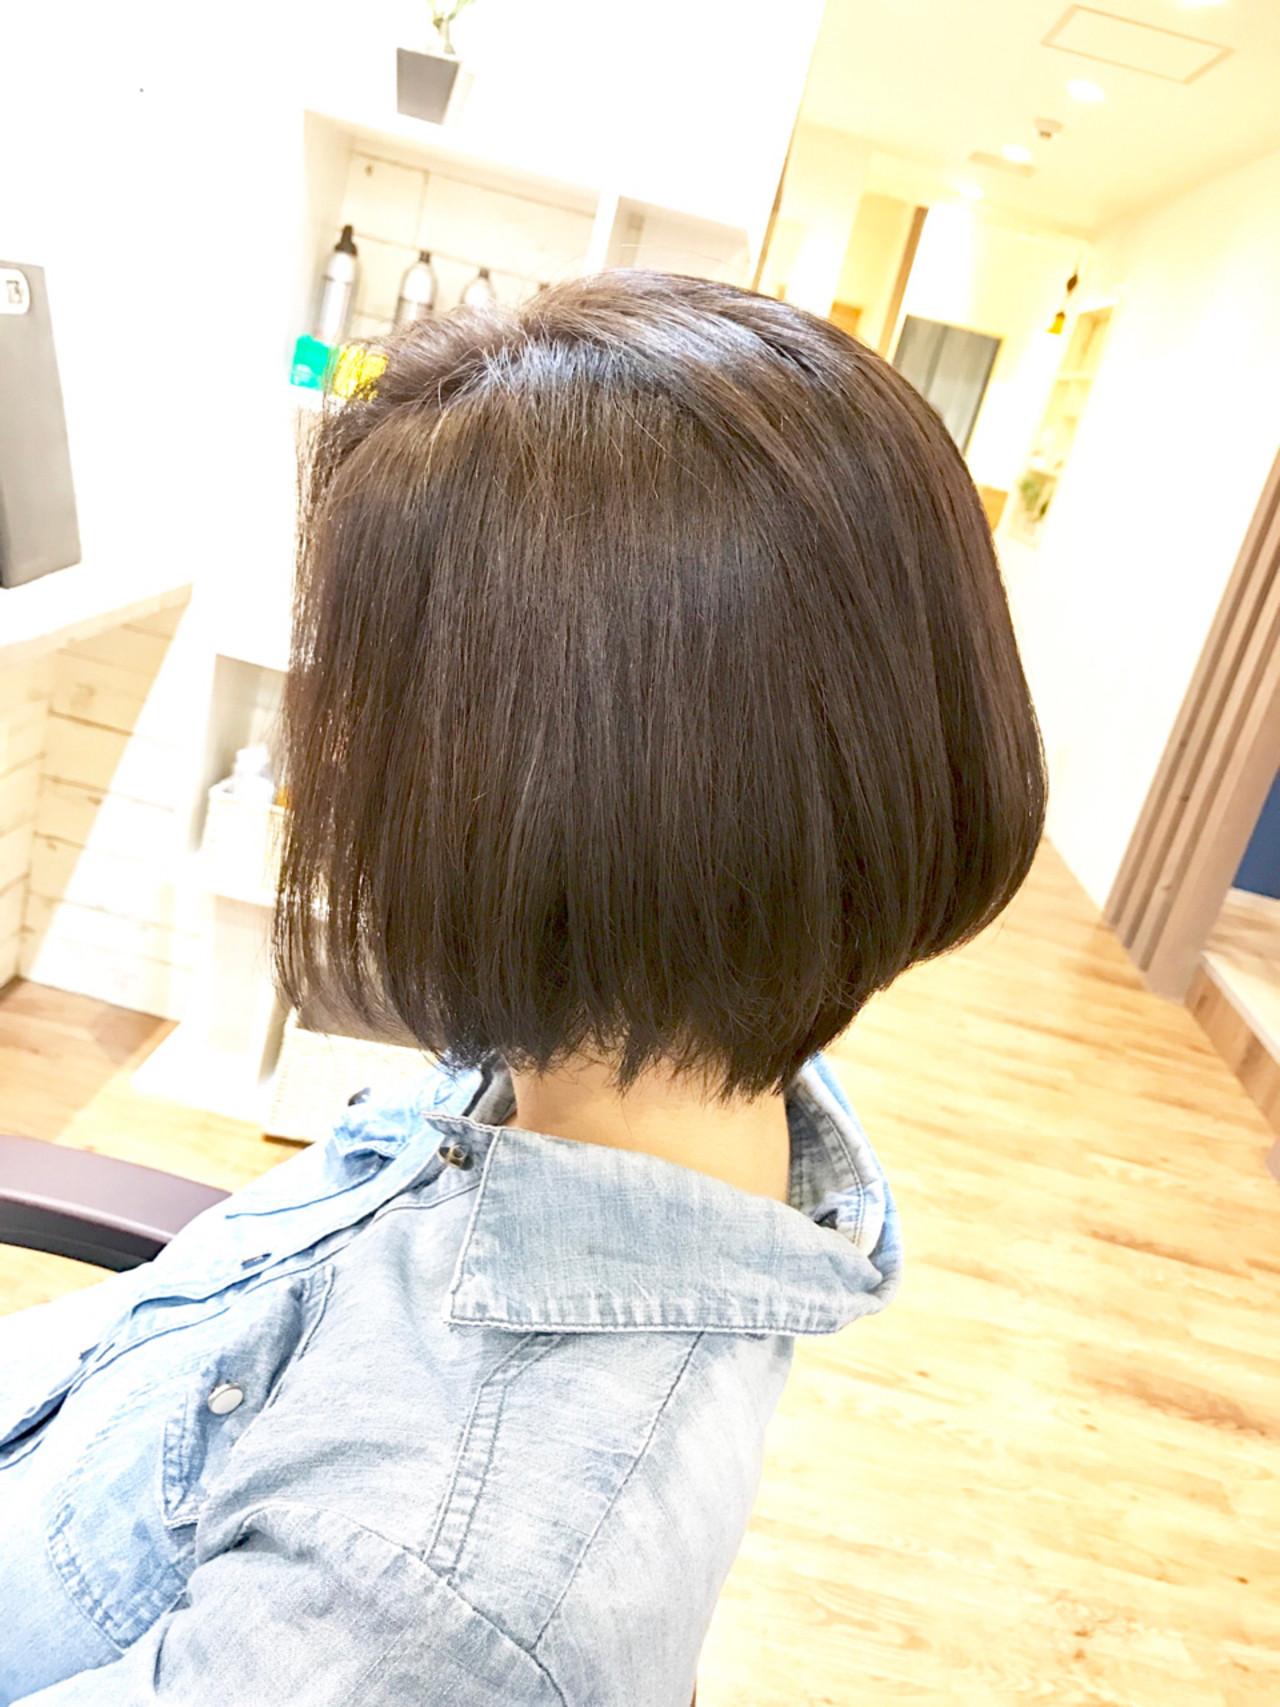 ナチュラル 黒髪 ショートボブ 似合わせ ヘアスタイルや髪型の写真・画像 | MISAKI.K / FIX hair なんば